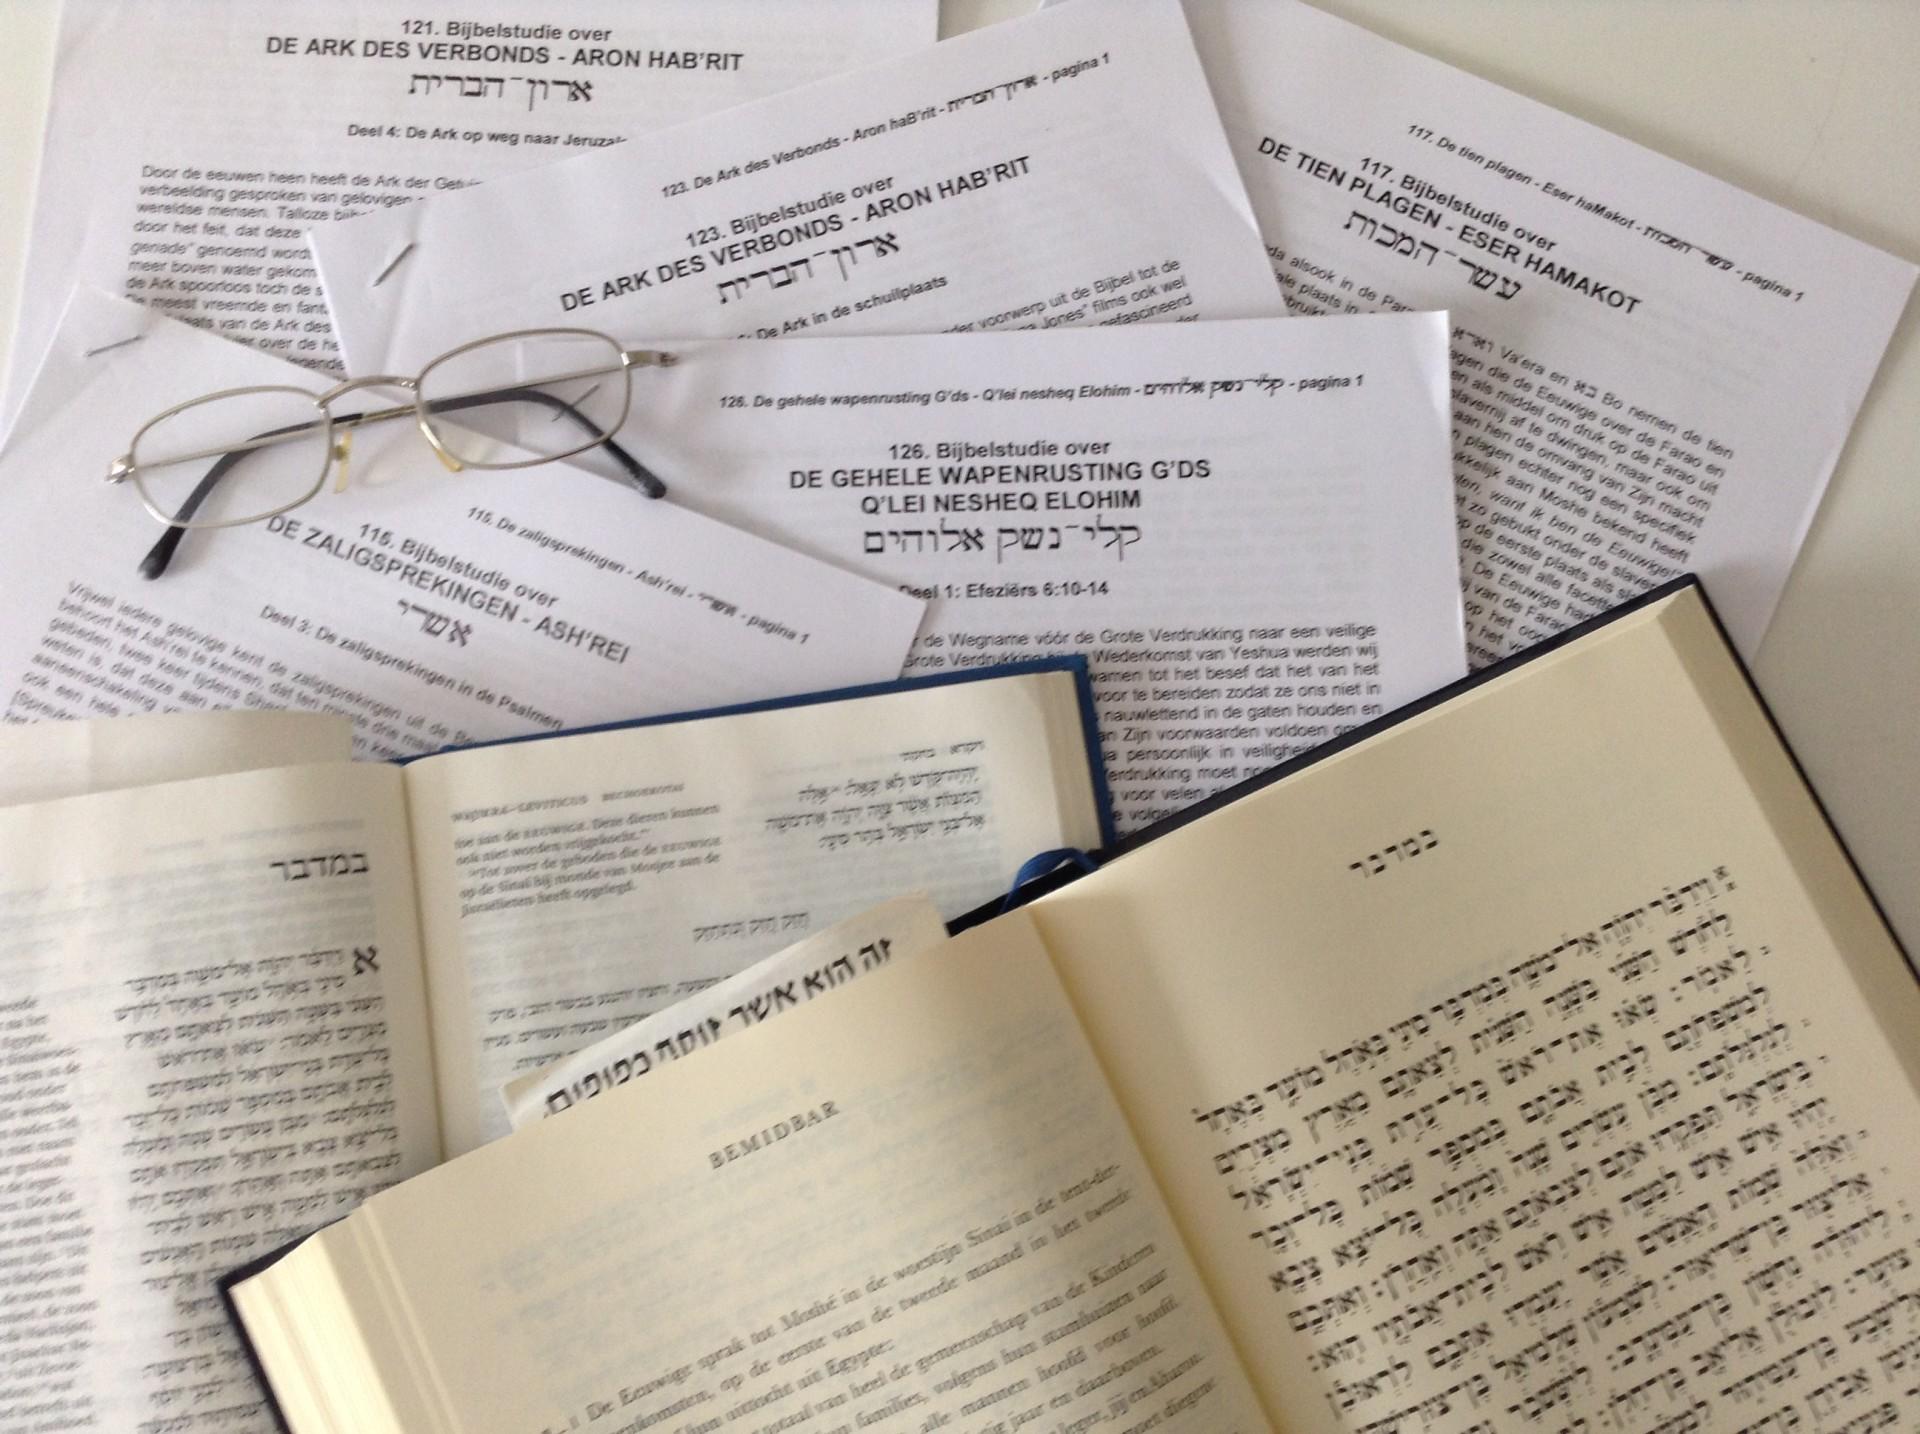 Bijbelstudies | Messiaanse Studies van Werner Stauder